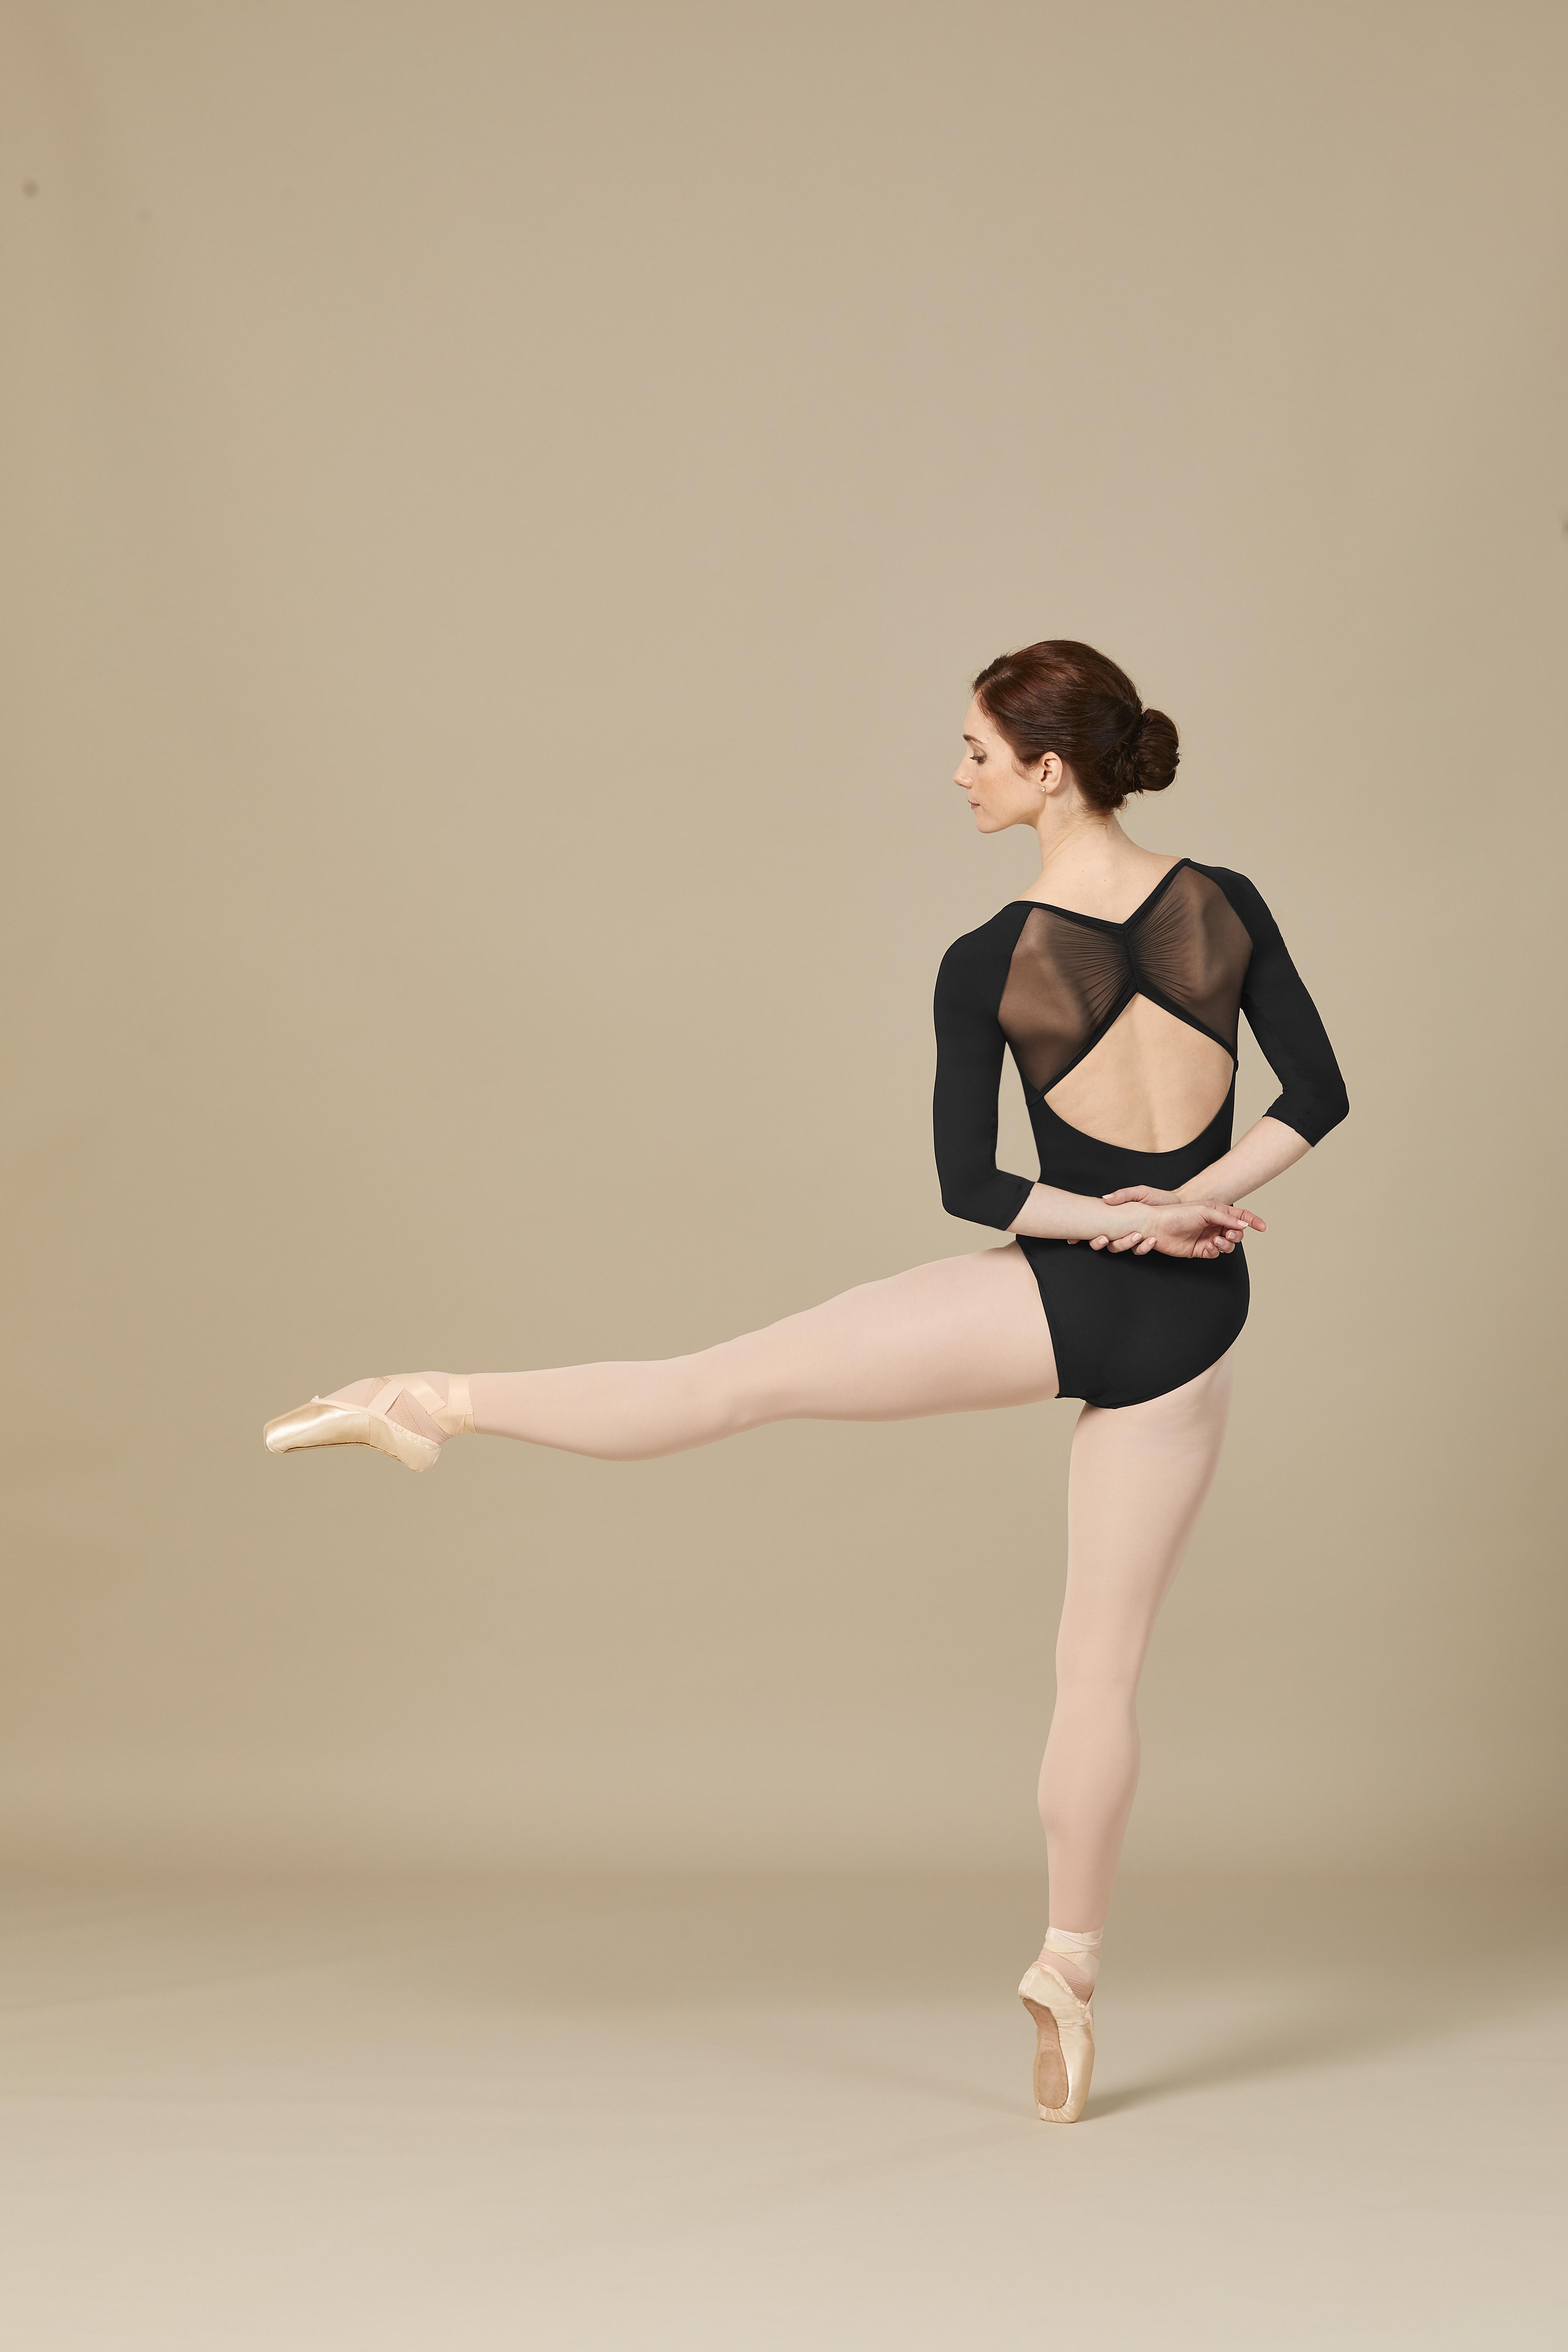 Nuova collezione Bloch autunno inverno 2020-21 : Body manica 3/4 con retina drappeggiata